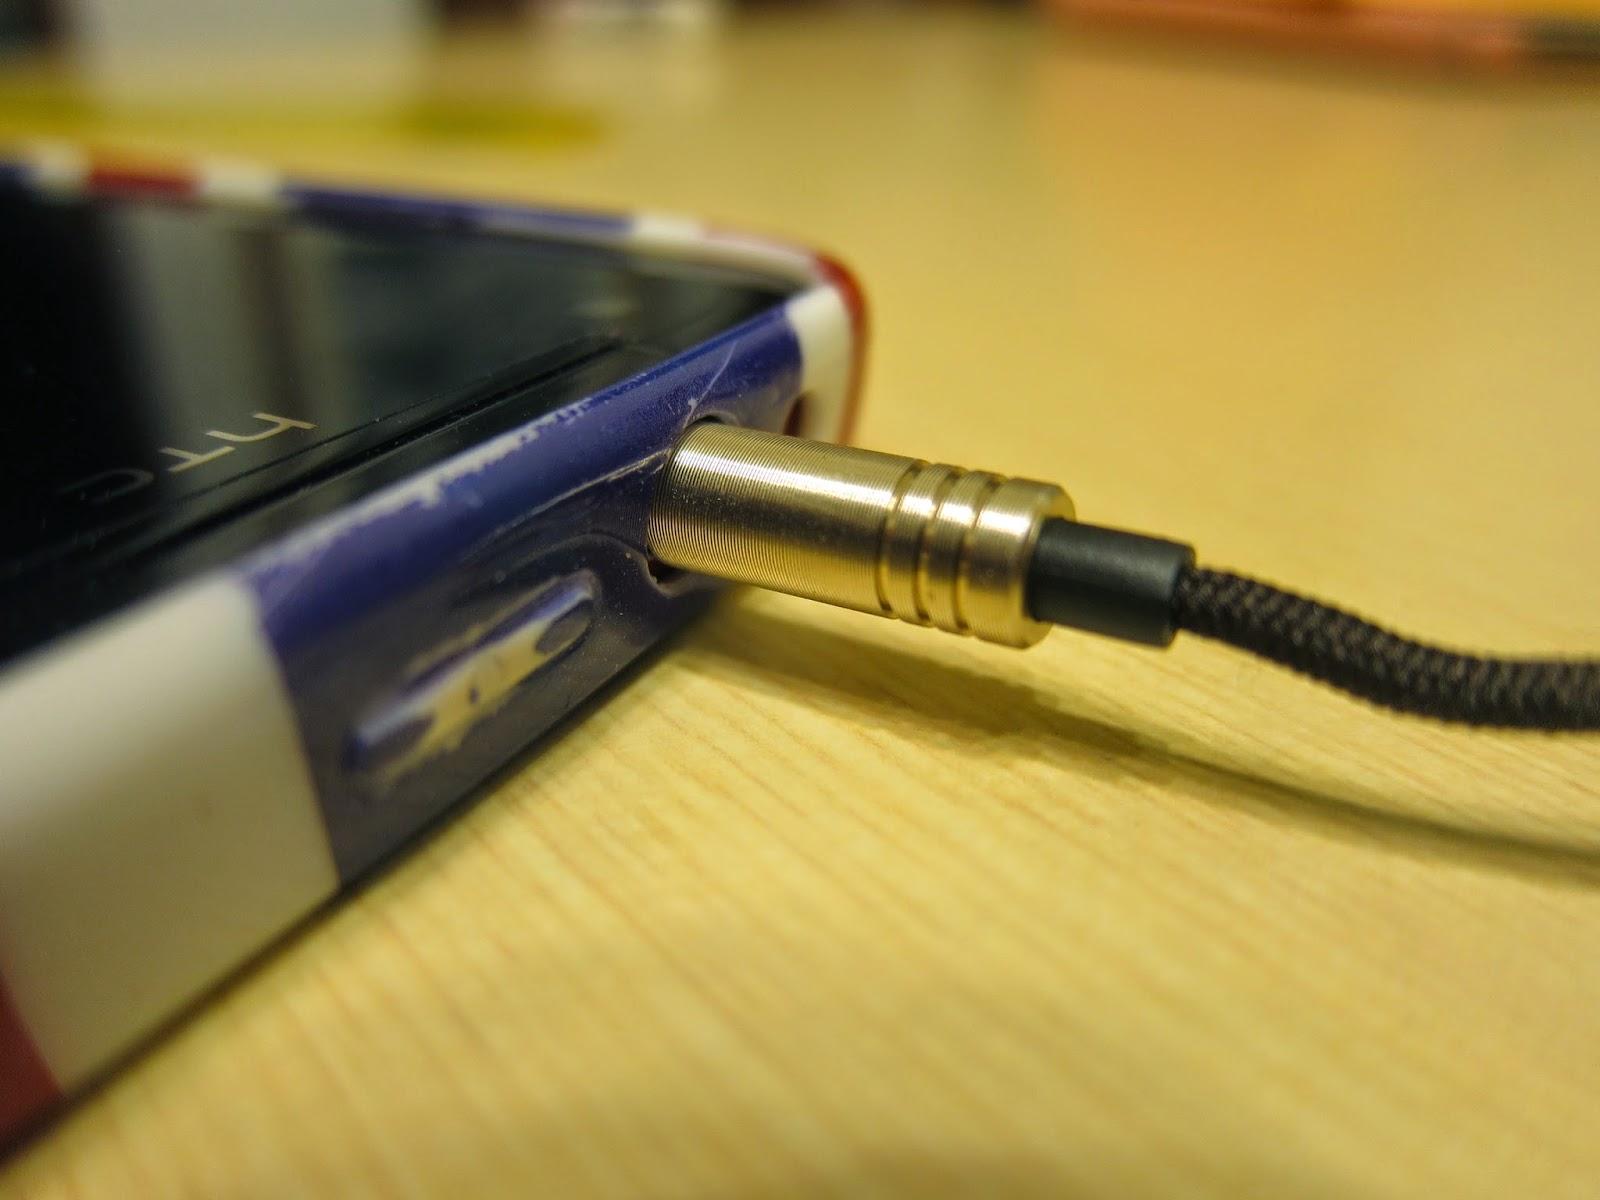 IMG 2309 - [開箱] 聽歌神器?新小米活塞耳機 $495 入手!